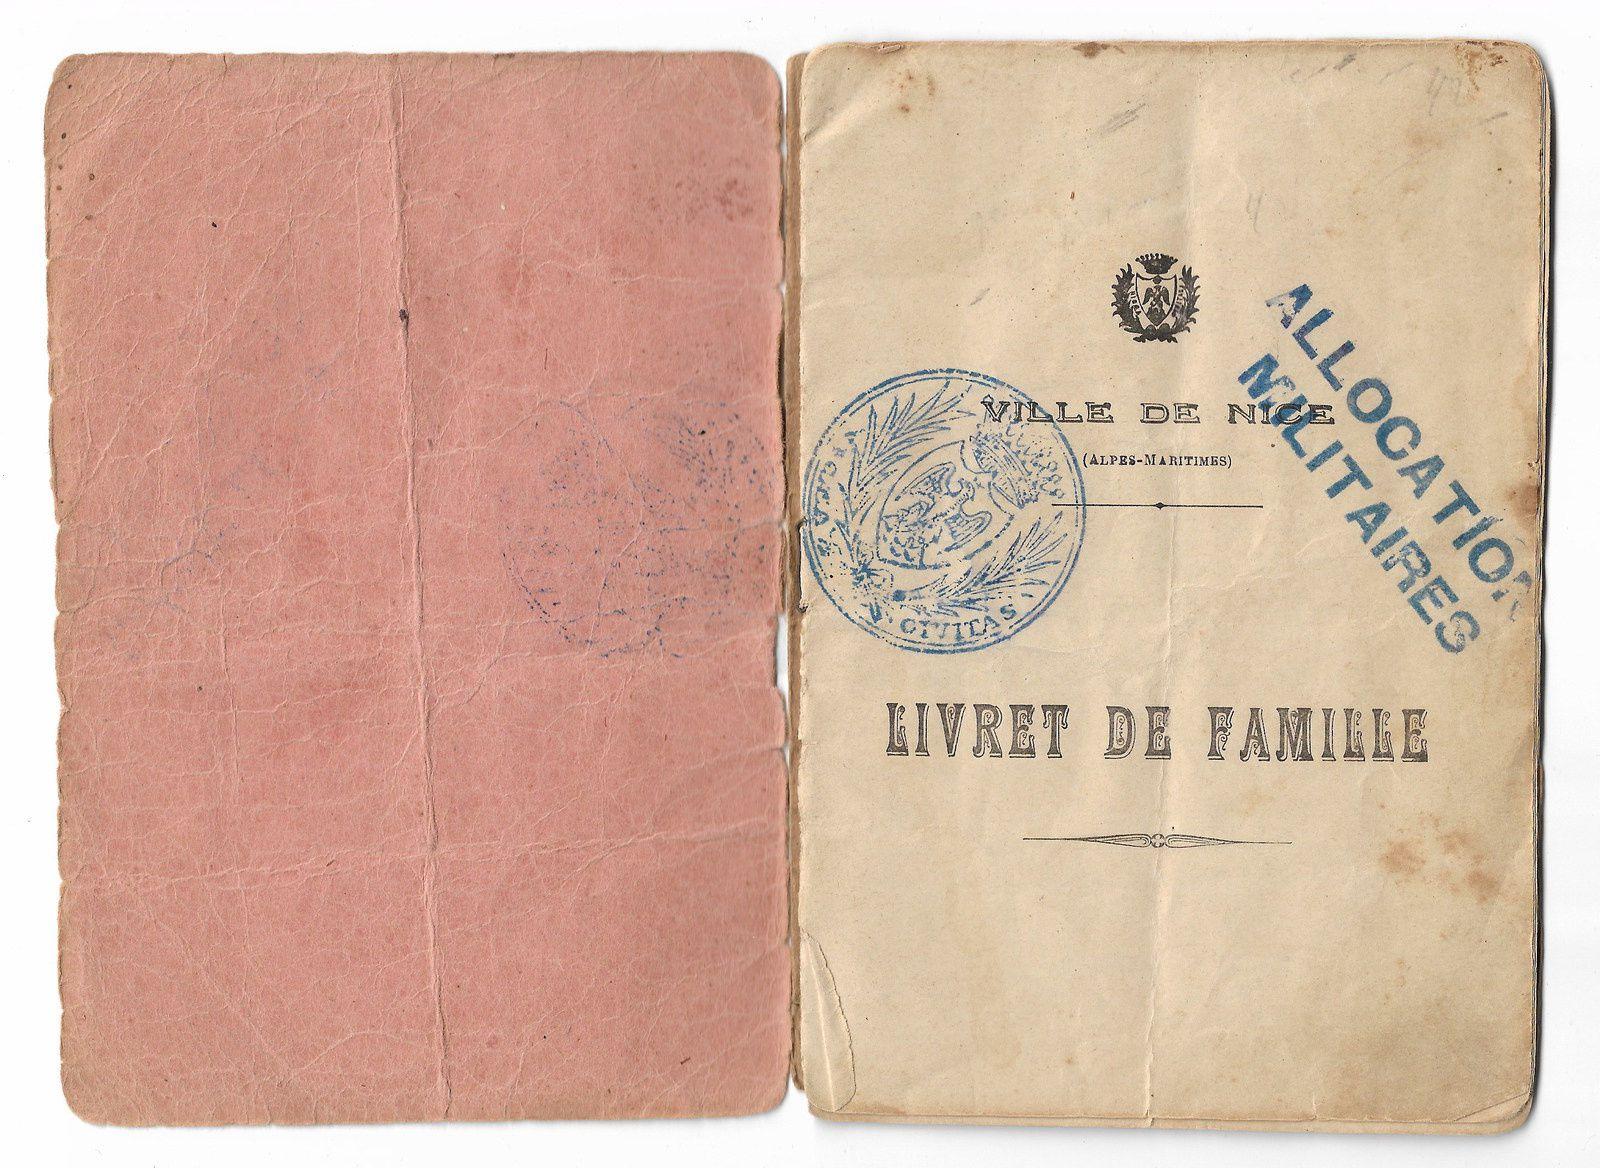 Michaël BELLON-Origines Familiales Paternelles Niçoises.